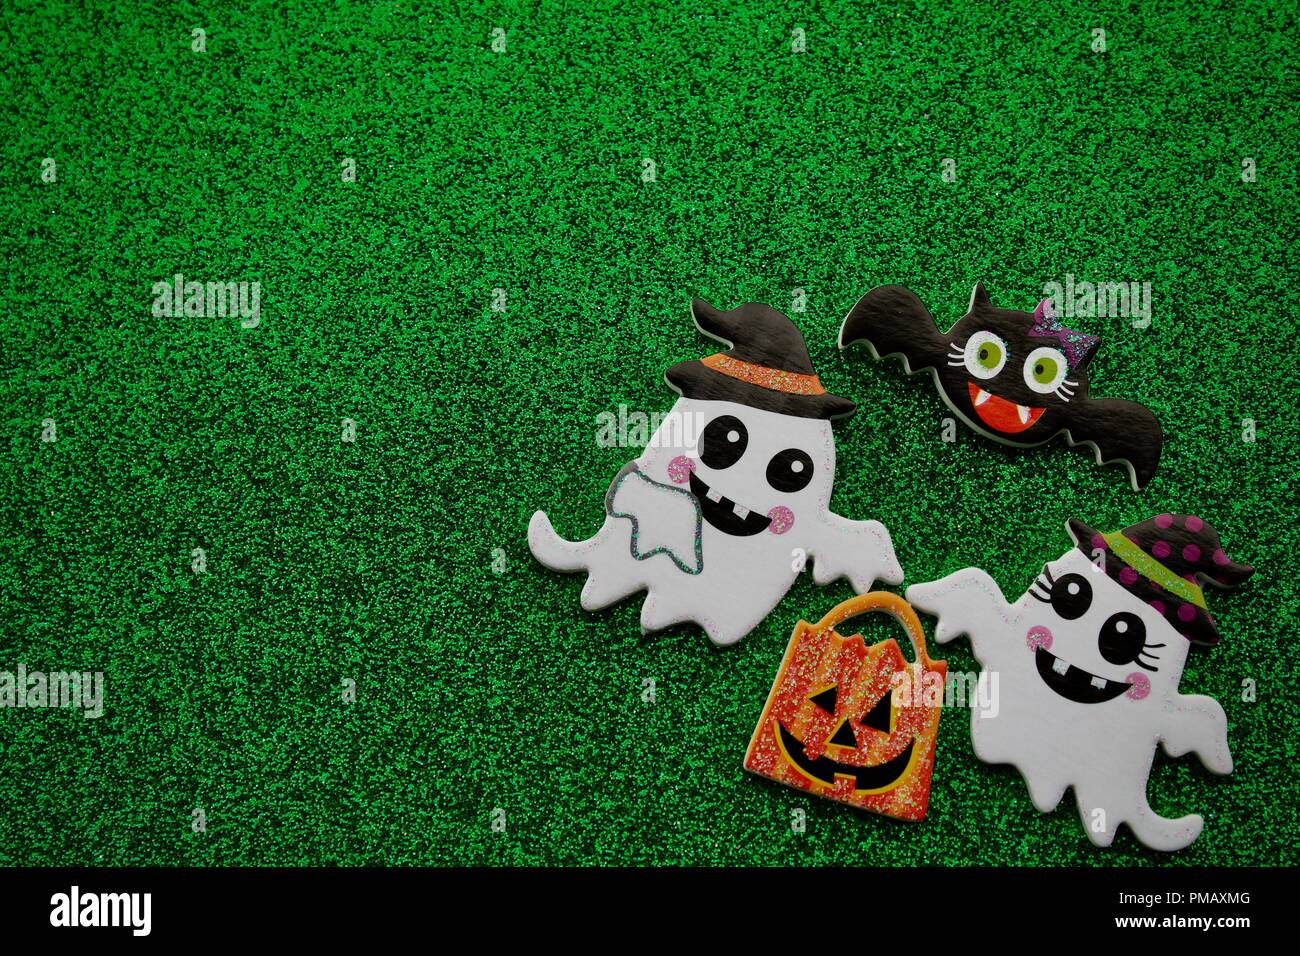 Zwei Geister mit einem Kürbis Trick or treat Tasche mit einer schwarzen Fledermaus oben fliegen mit grünem Hintergrund Stockbild